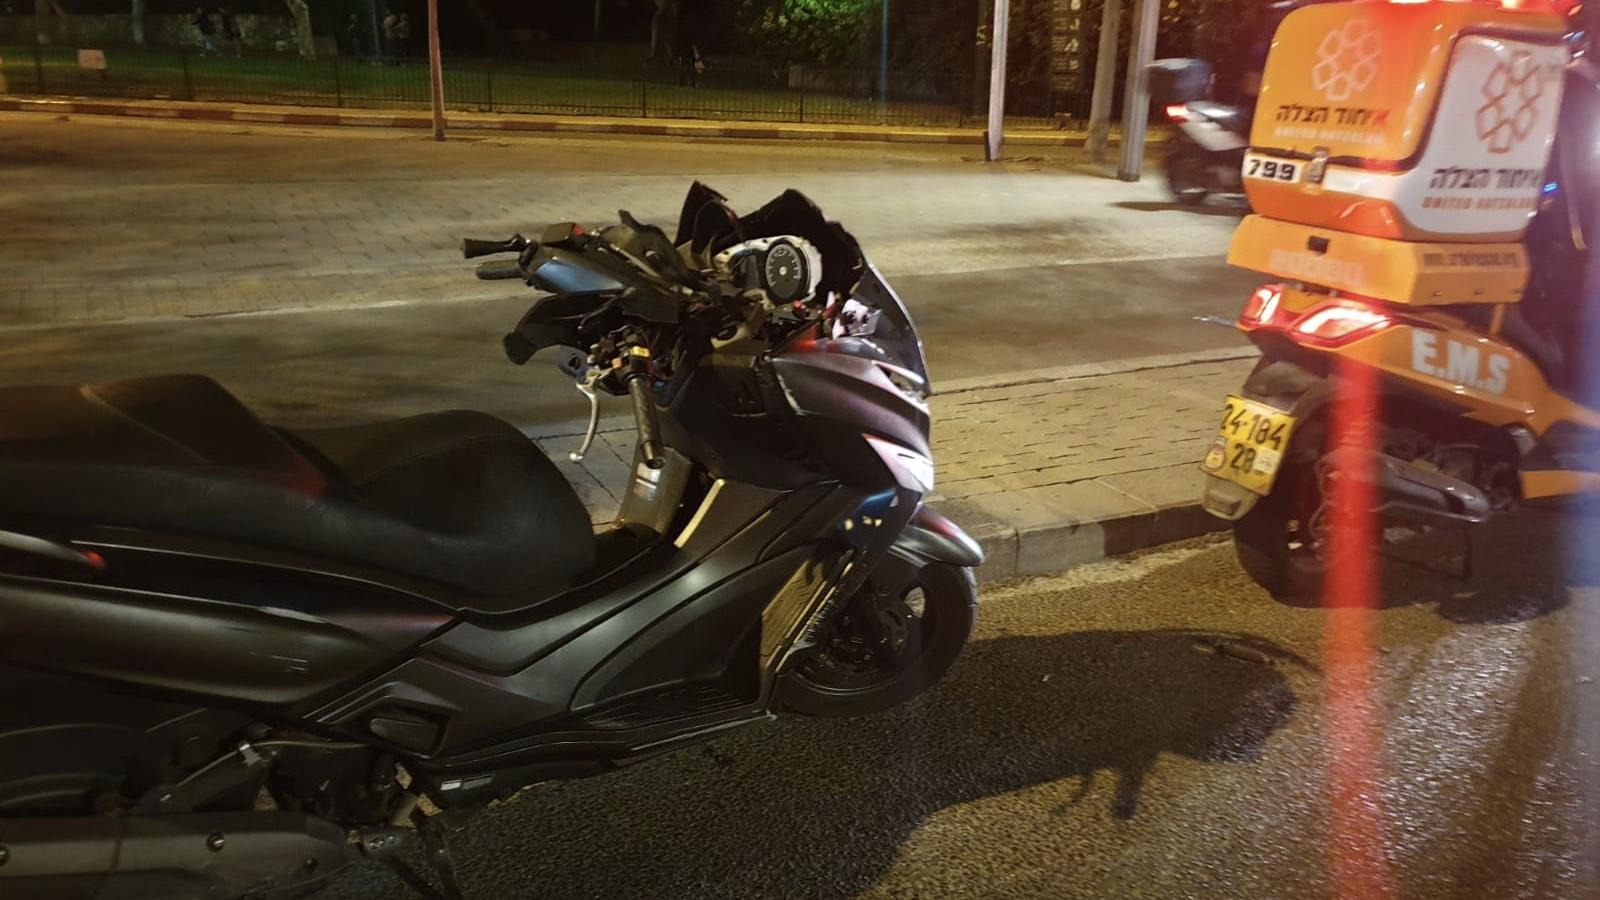 הקטל בכבישים: רוכב אופנוע כבן 17 נהרג בתאונת דרכים בתל אביב